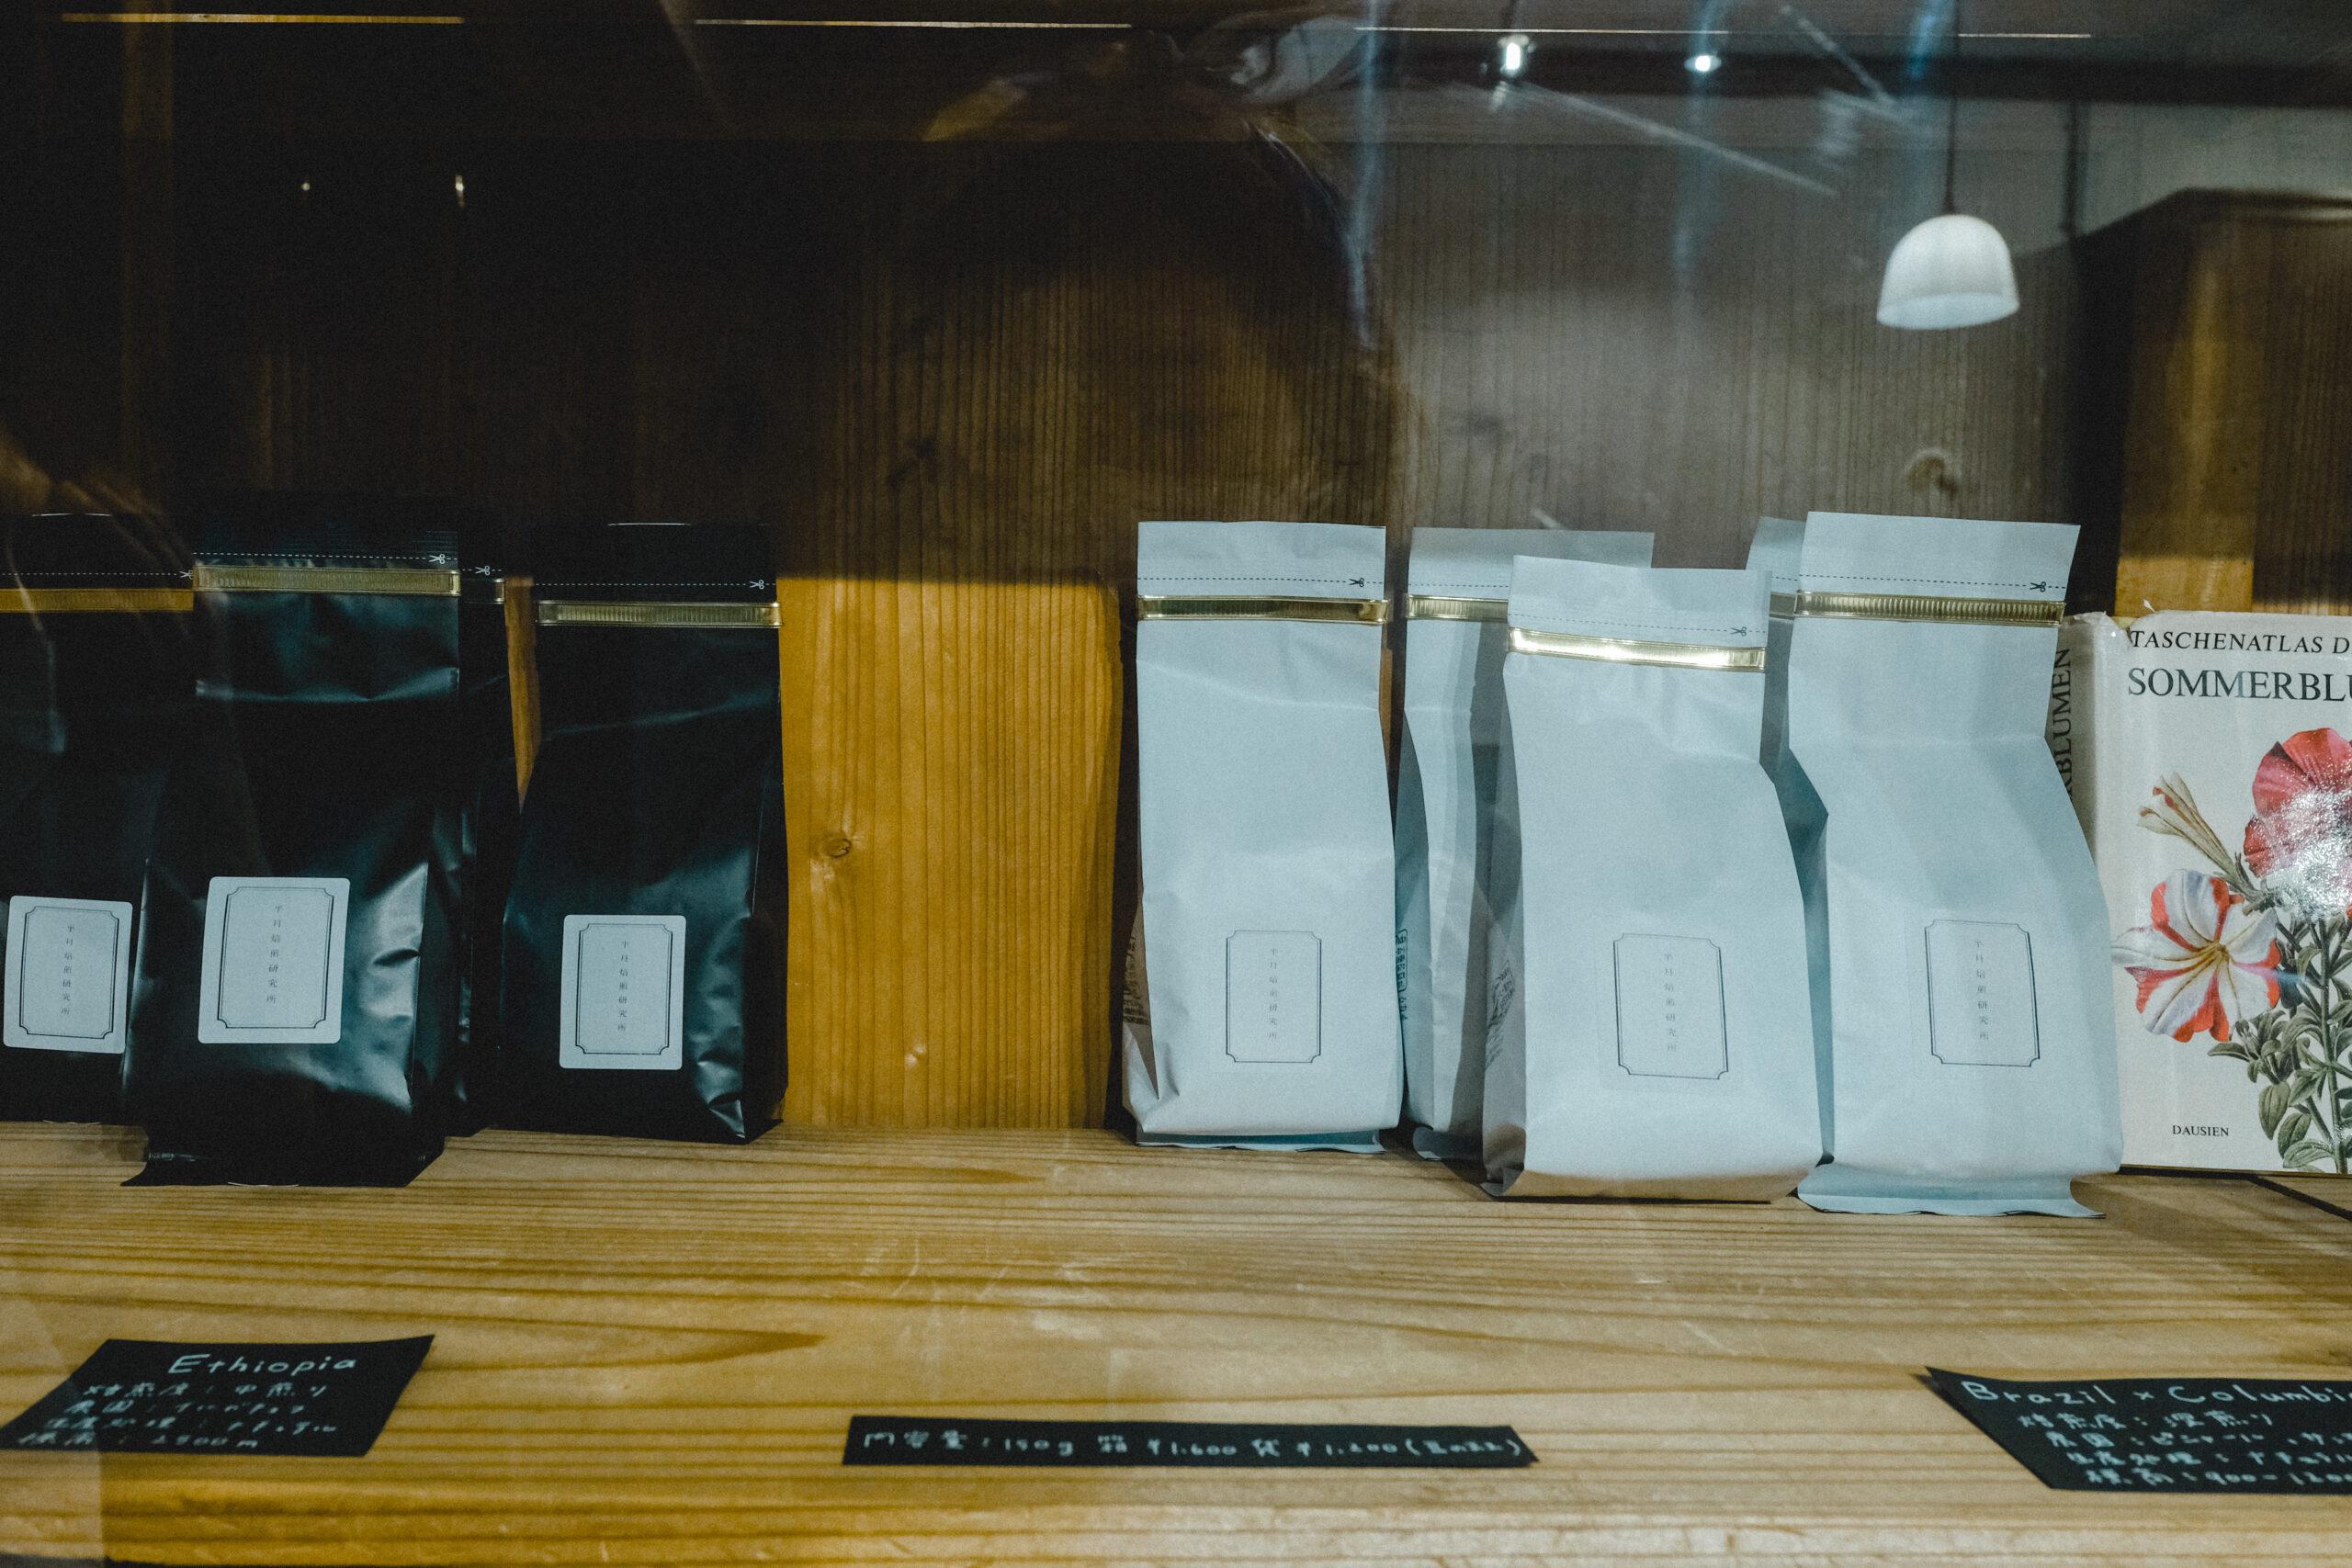 蔵前 kuramae 下町散歩 下町さんぽ 半月焙煎研究所 蔵前カフェ東京カフェcoffeetimecoffeebreakカフェ巡り珈琲菓子屋シノノメ 建築 レトロ建築 ノスタルジック 新店 新店舗 2021年 ライトソース リノベーションカフェ ロースタリー